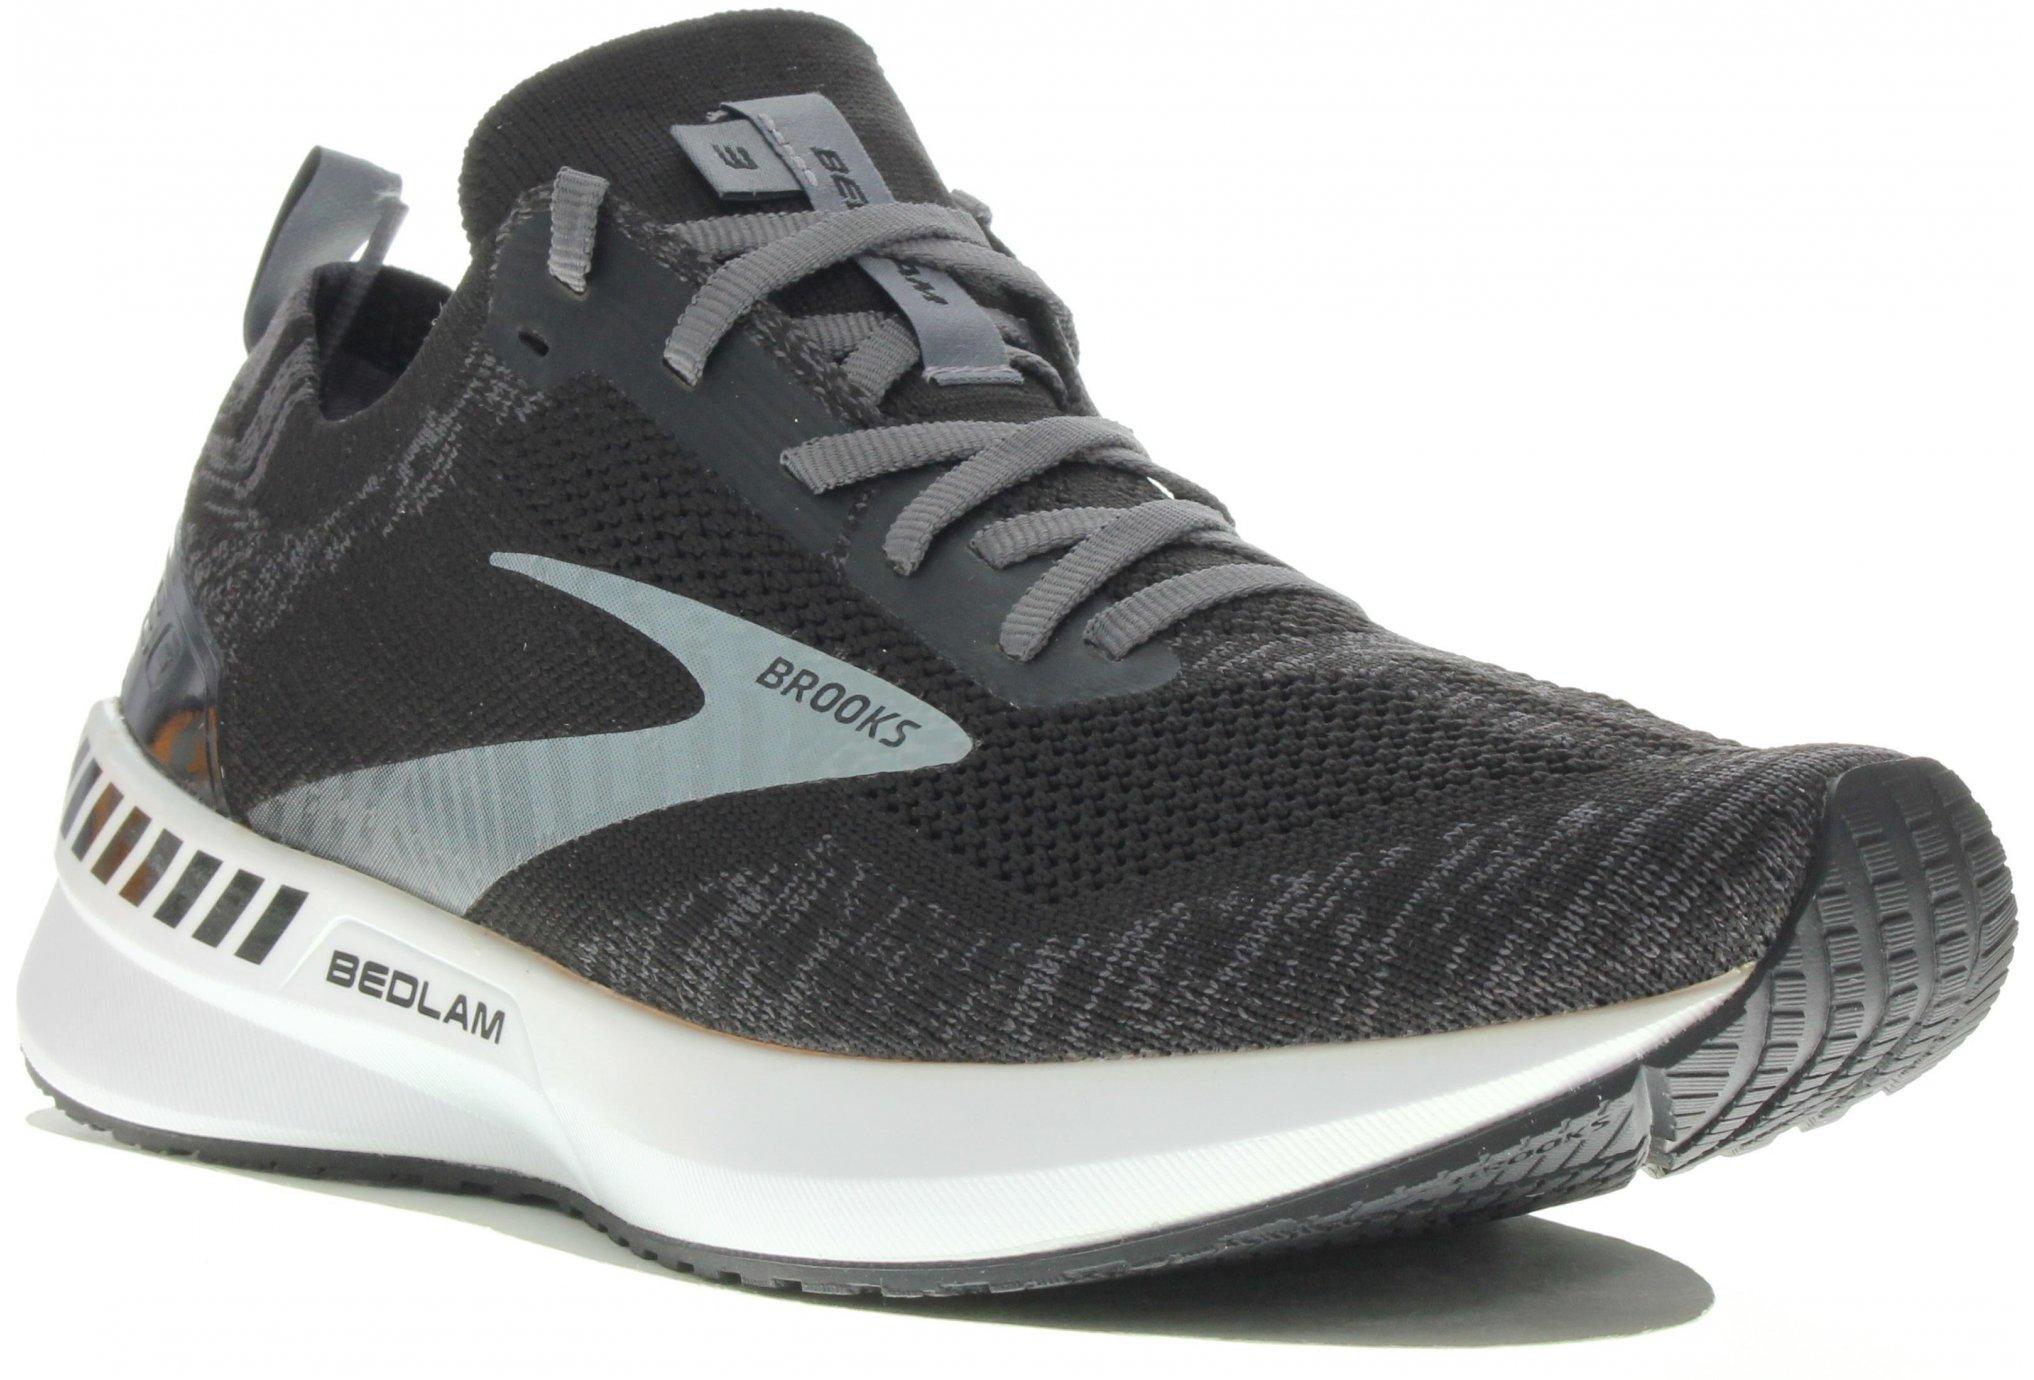 Brooks Bedlam 3 Chaussures running femme